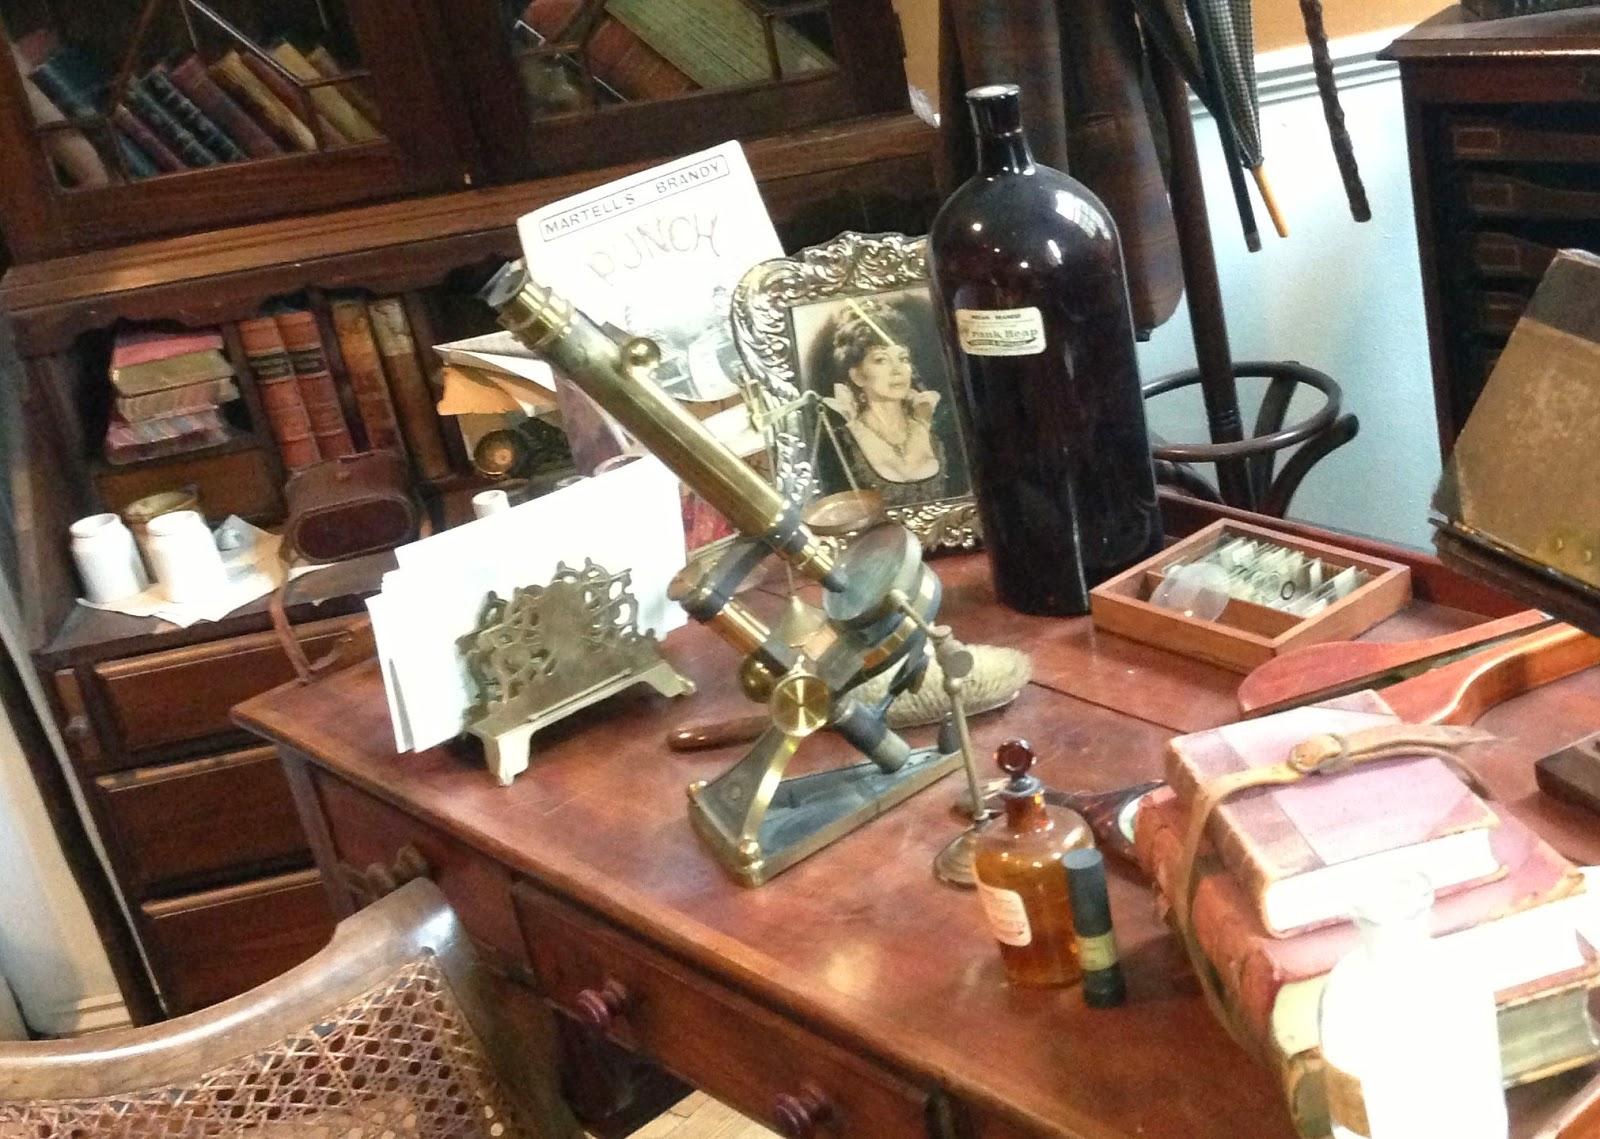 The microscope used by Jeremy Brett as Sherlock Holmes